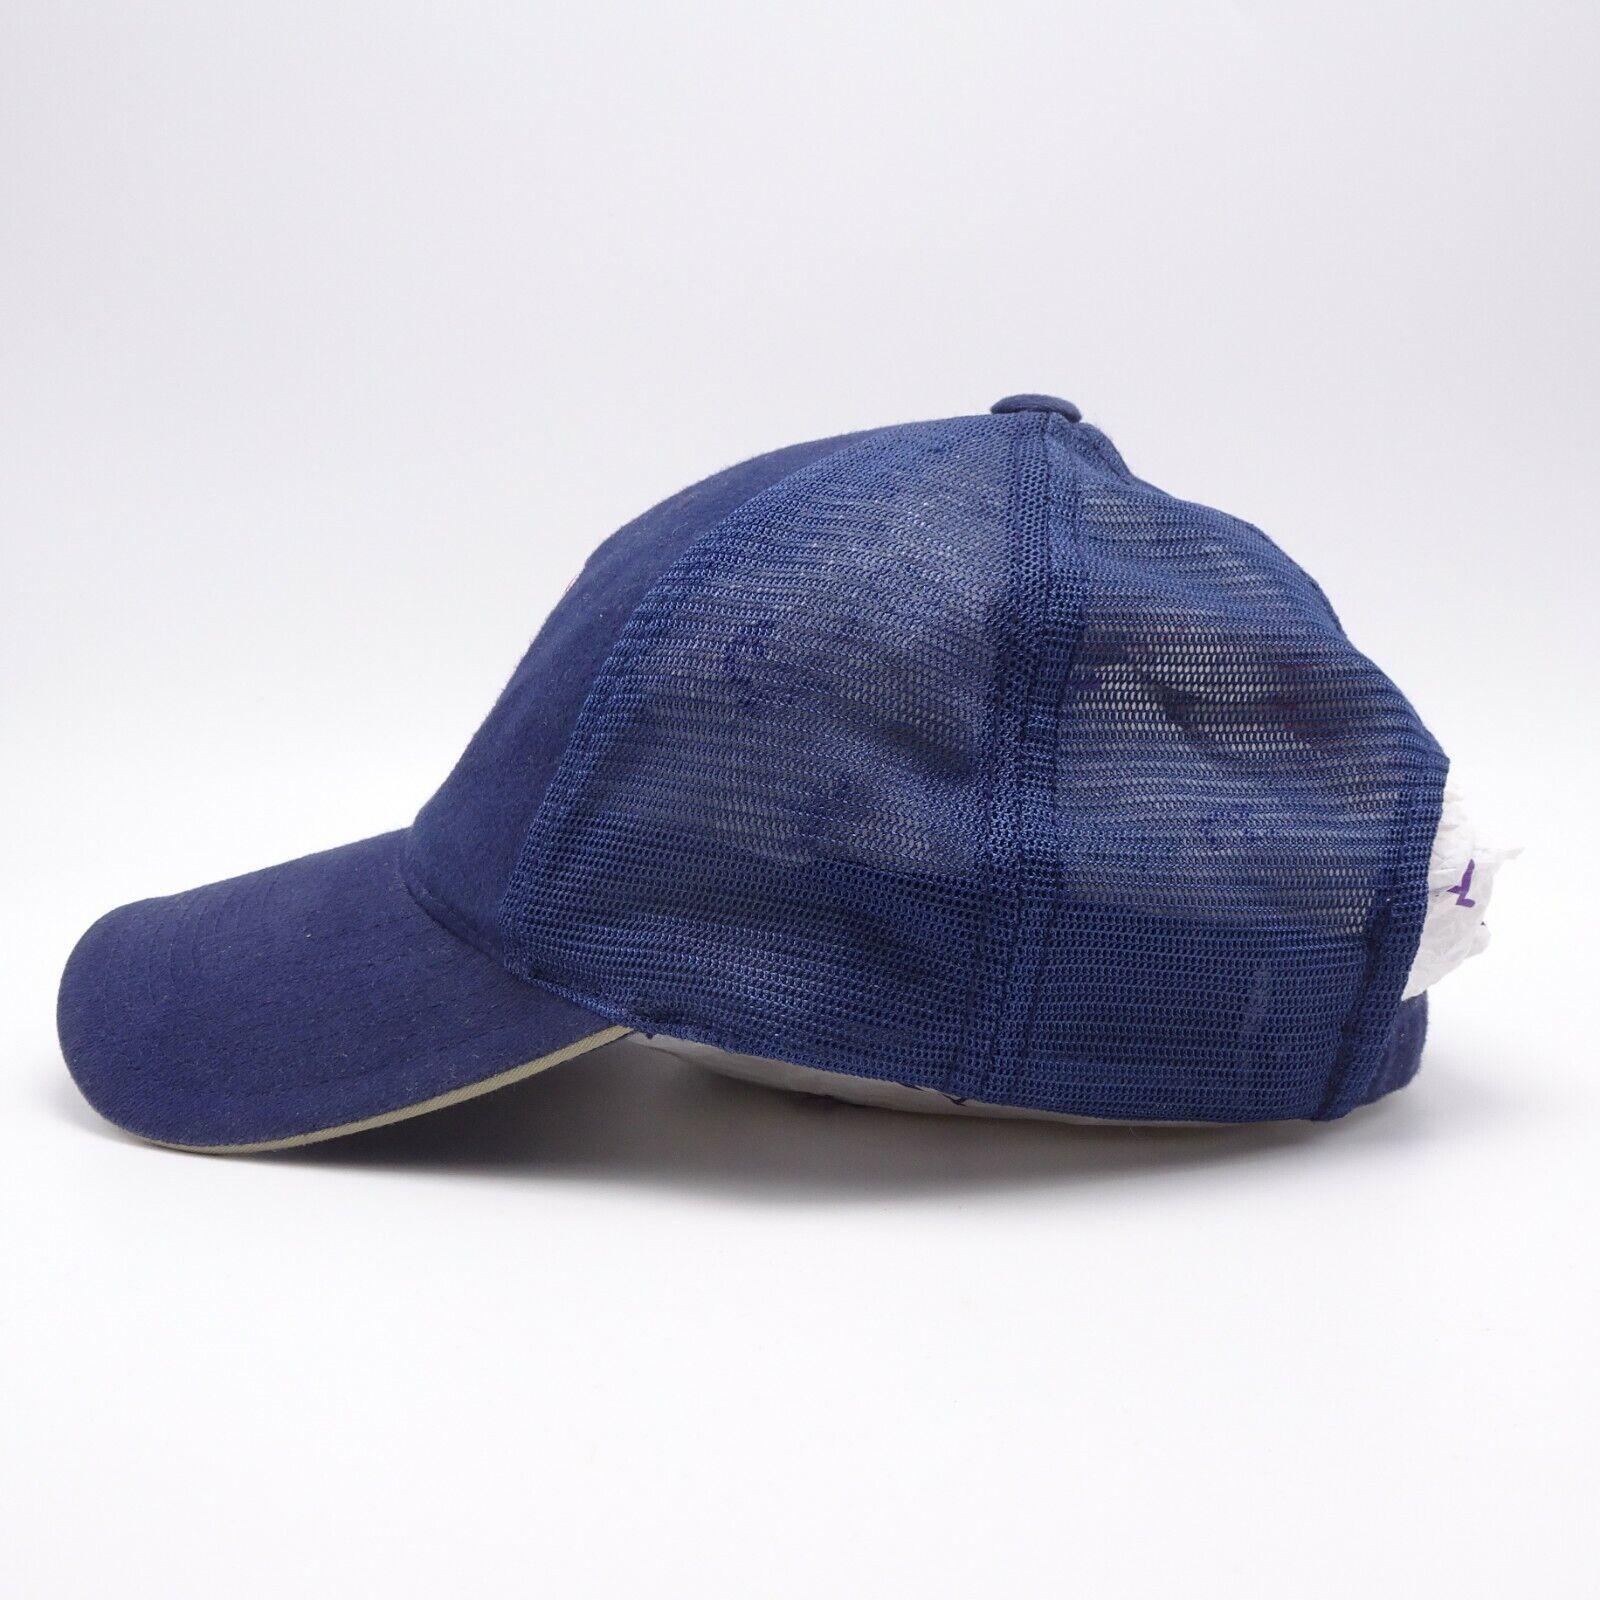 Virginia VA Old Dominion Dad Cap Hat